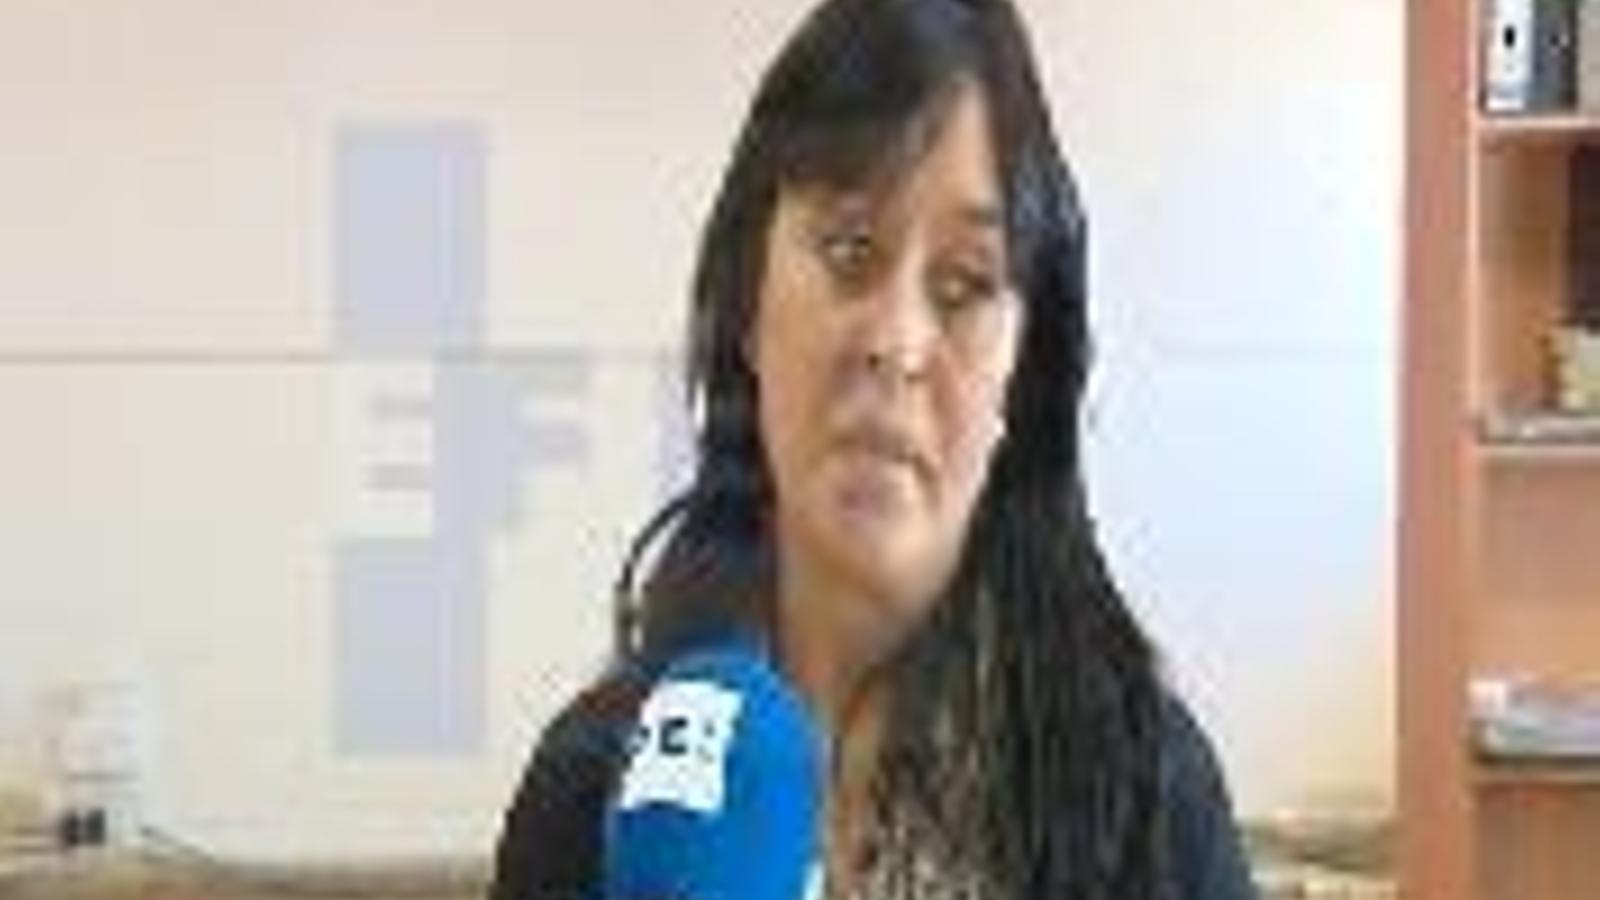 Una empresària veïna de la nau del crim de Castellbisbal, sorpresa pels fets